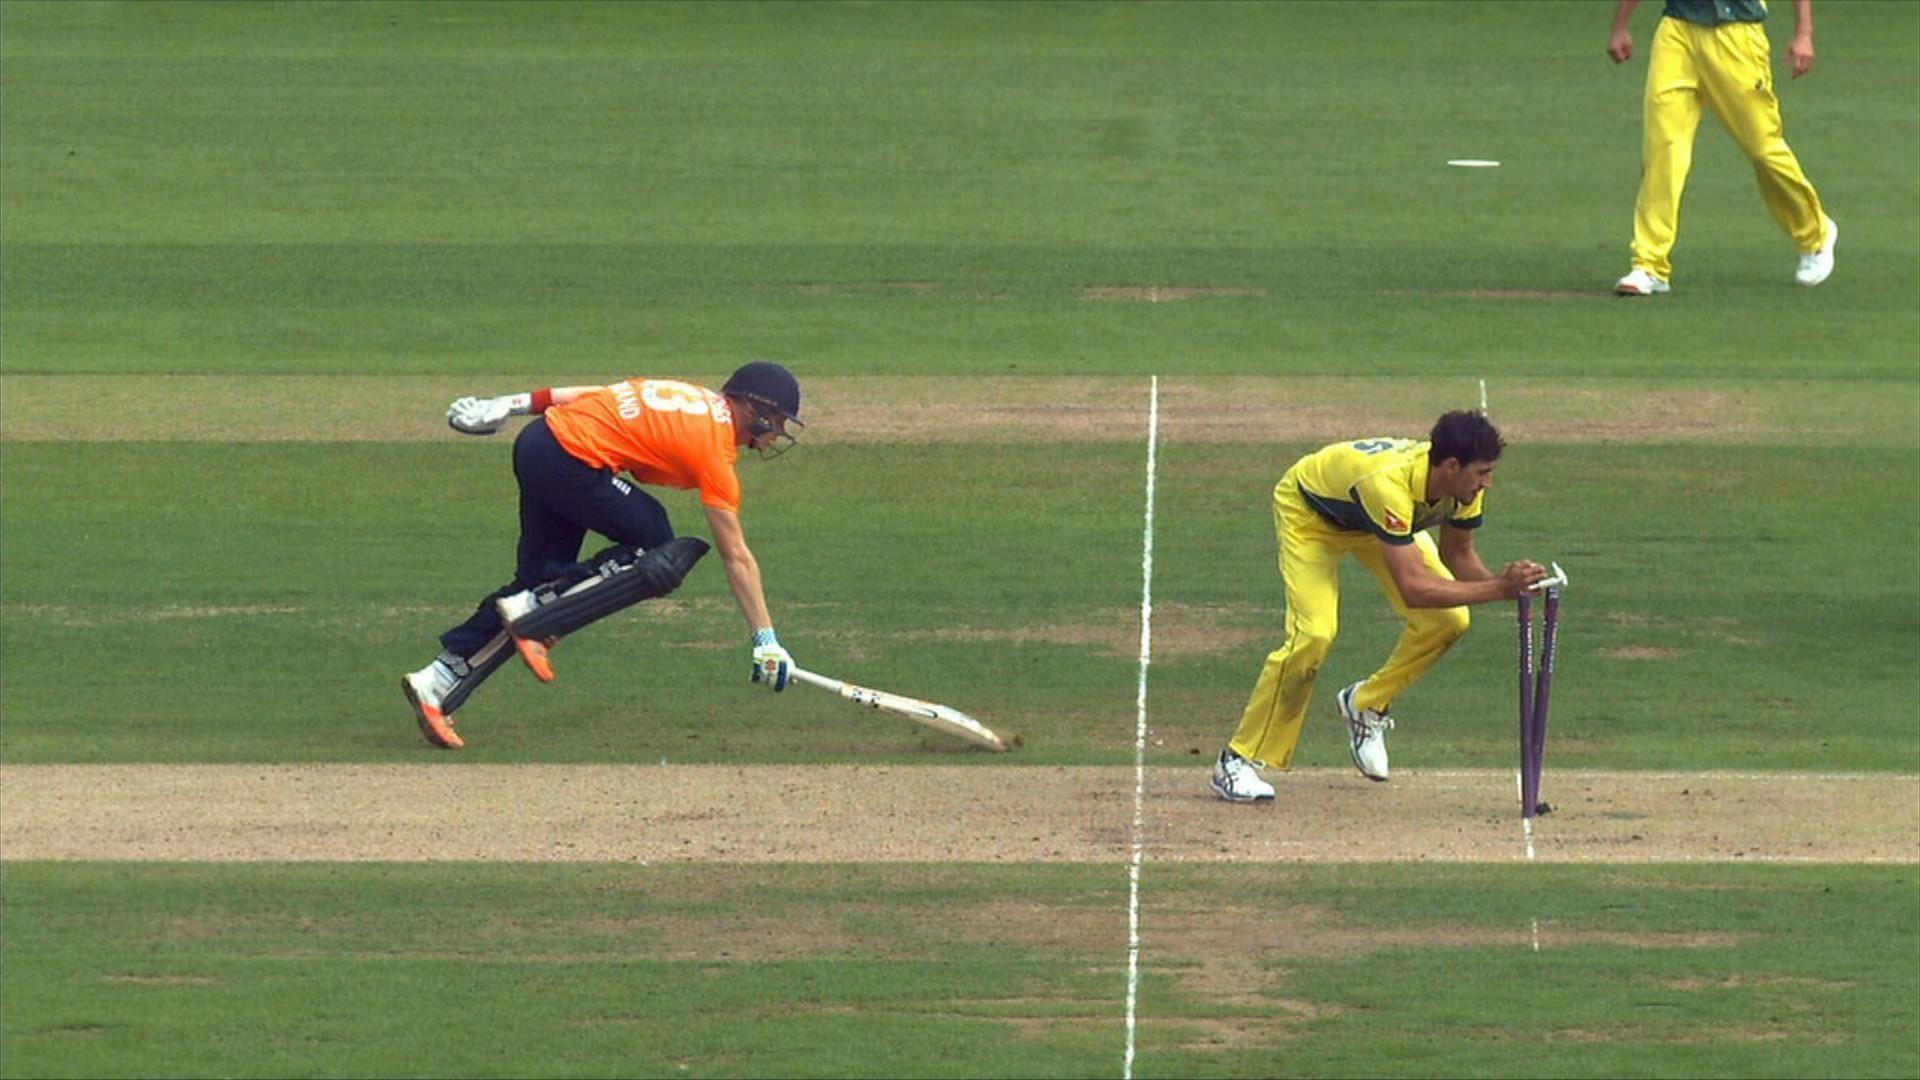 आईपीएल 11 के नियमों में होंगे ये 4 बड़े बदलाव, बढ़ जायेगी पूर्व भारतीय कप्तान महेंद्र सिंह धोनी की मुश्किल 6